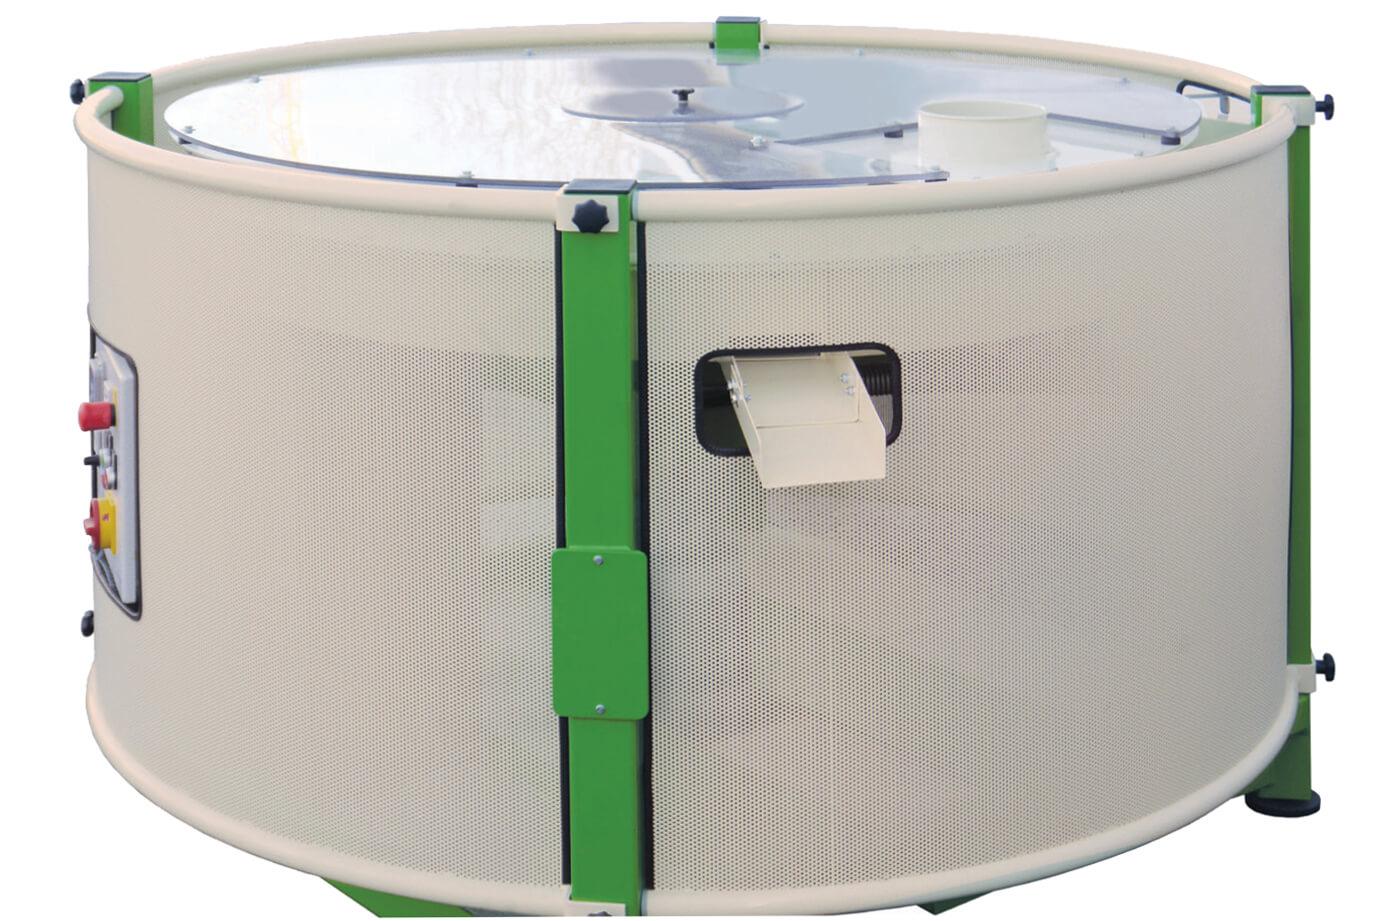 Table-densimetrique-pour-trier-decortiquer-recycler-le-grain